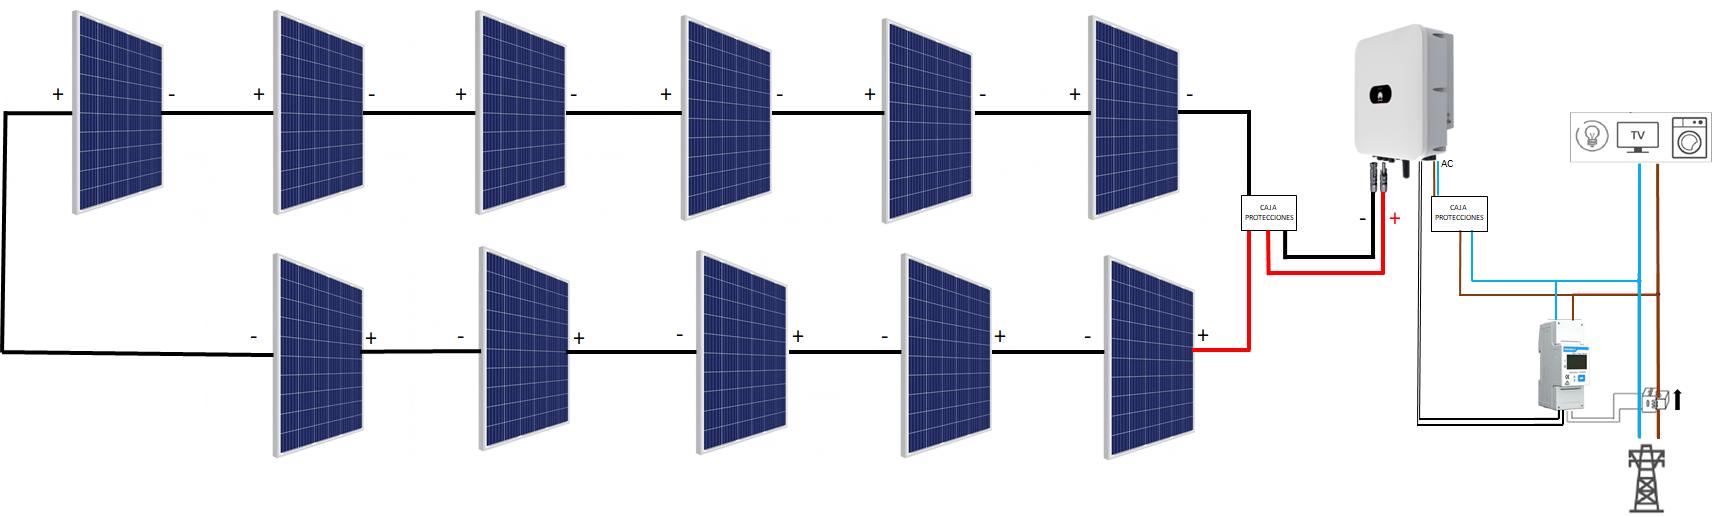 Kit Solar Autoconsumo 3kWh Huawei